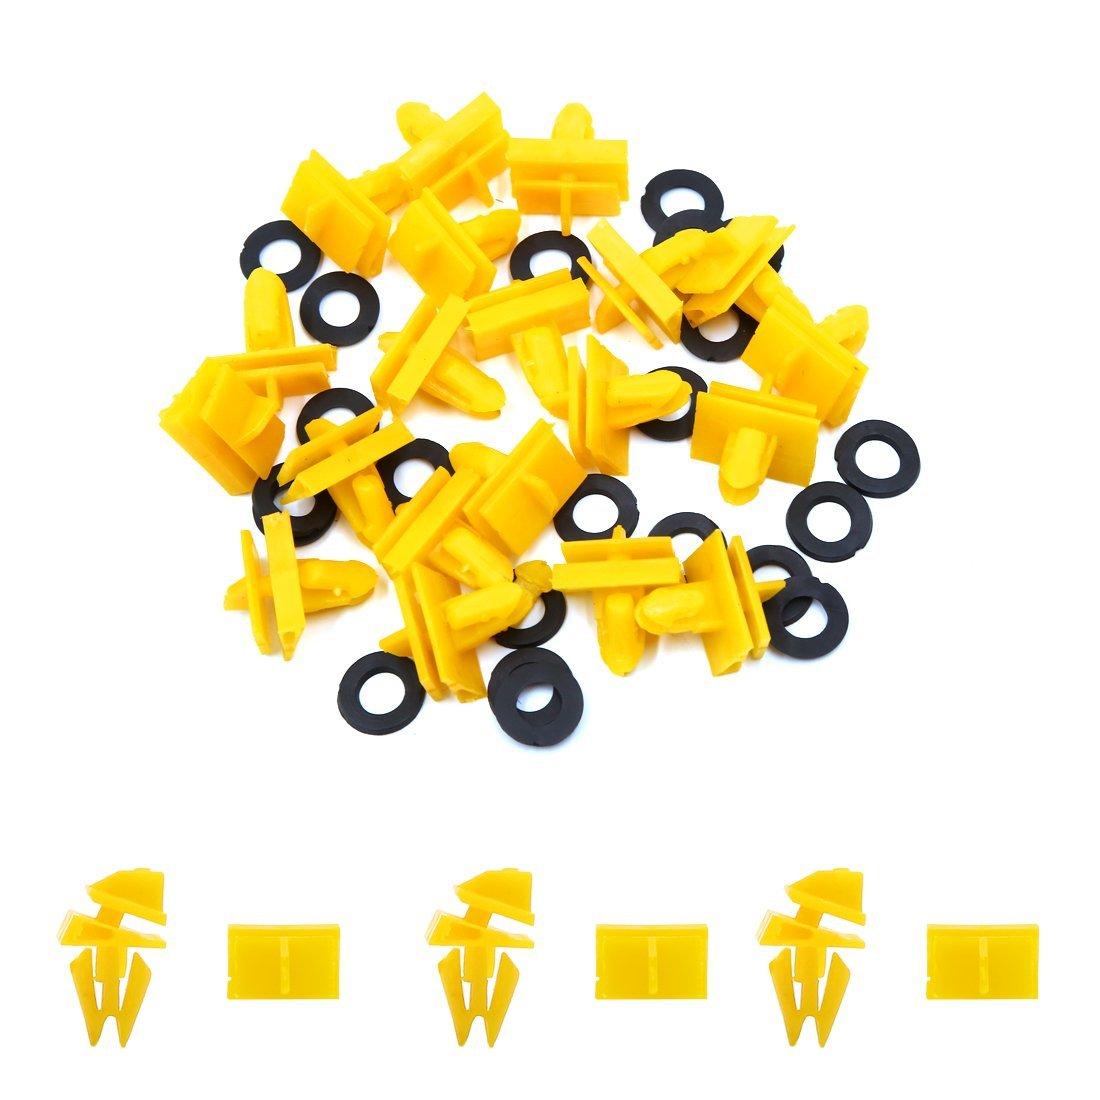 Amazon.com: eDealMax 20Pcs 10mm agujero de presión Amarillo en Los Clips del remache Interior Panel de la puerta del coche: Automotive